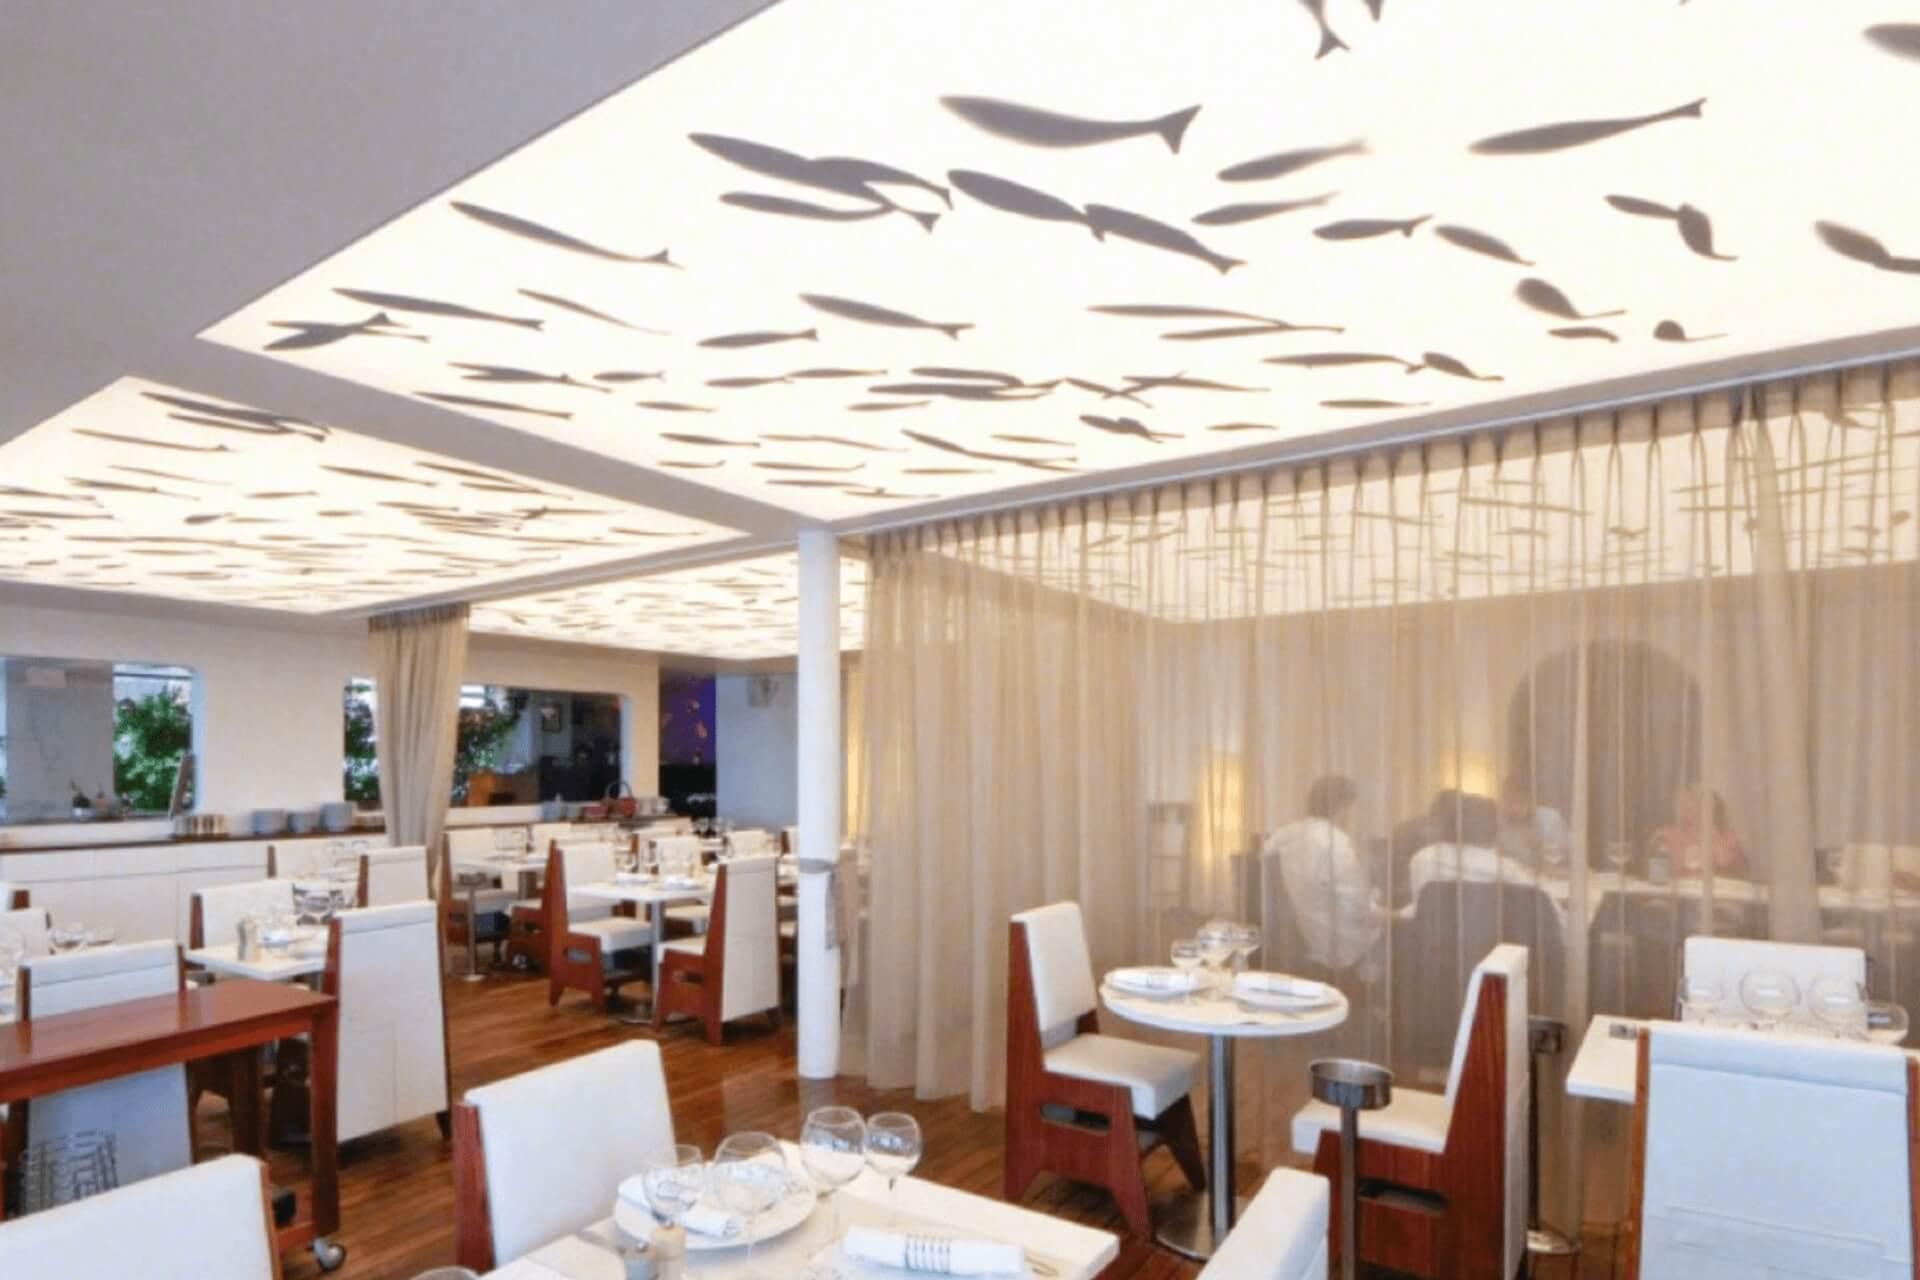 Светопрозрачный натяжной потолок с рыбками в ресторане